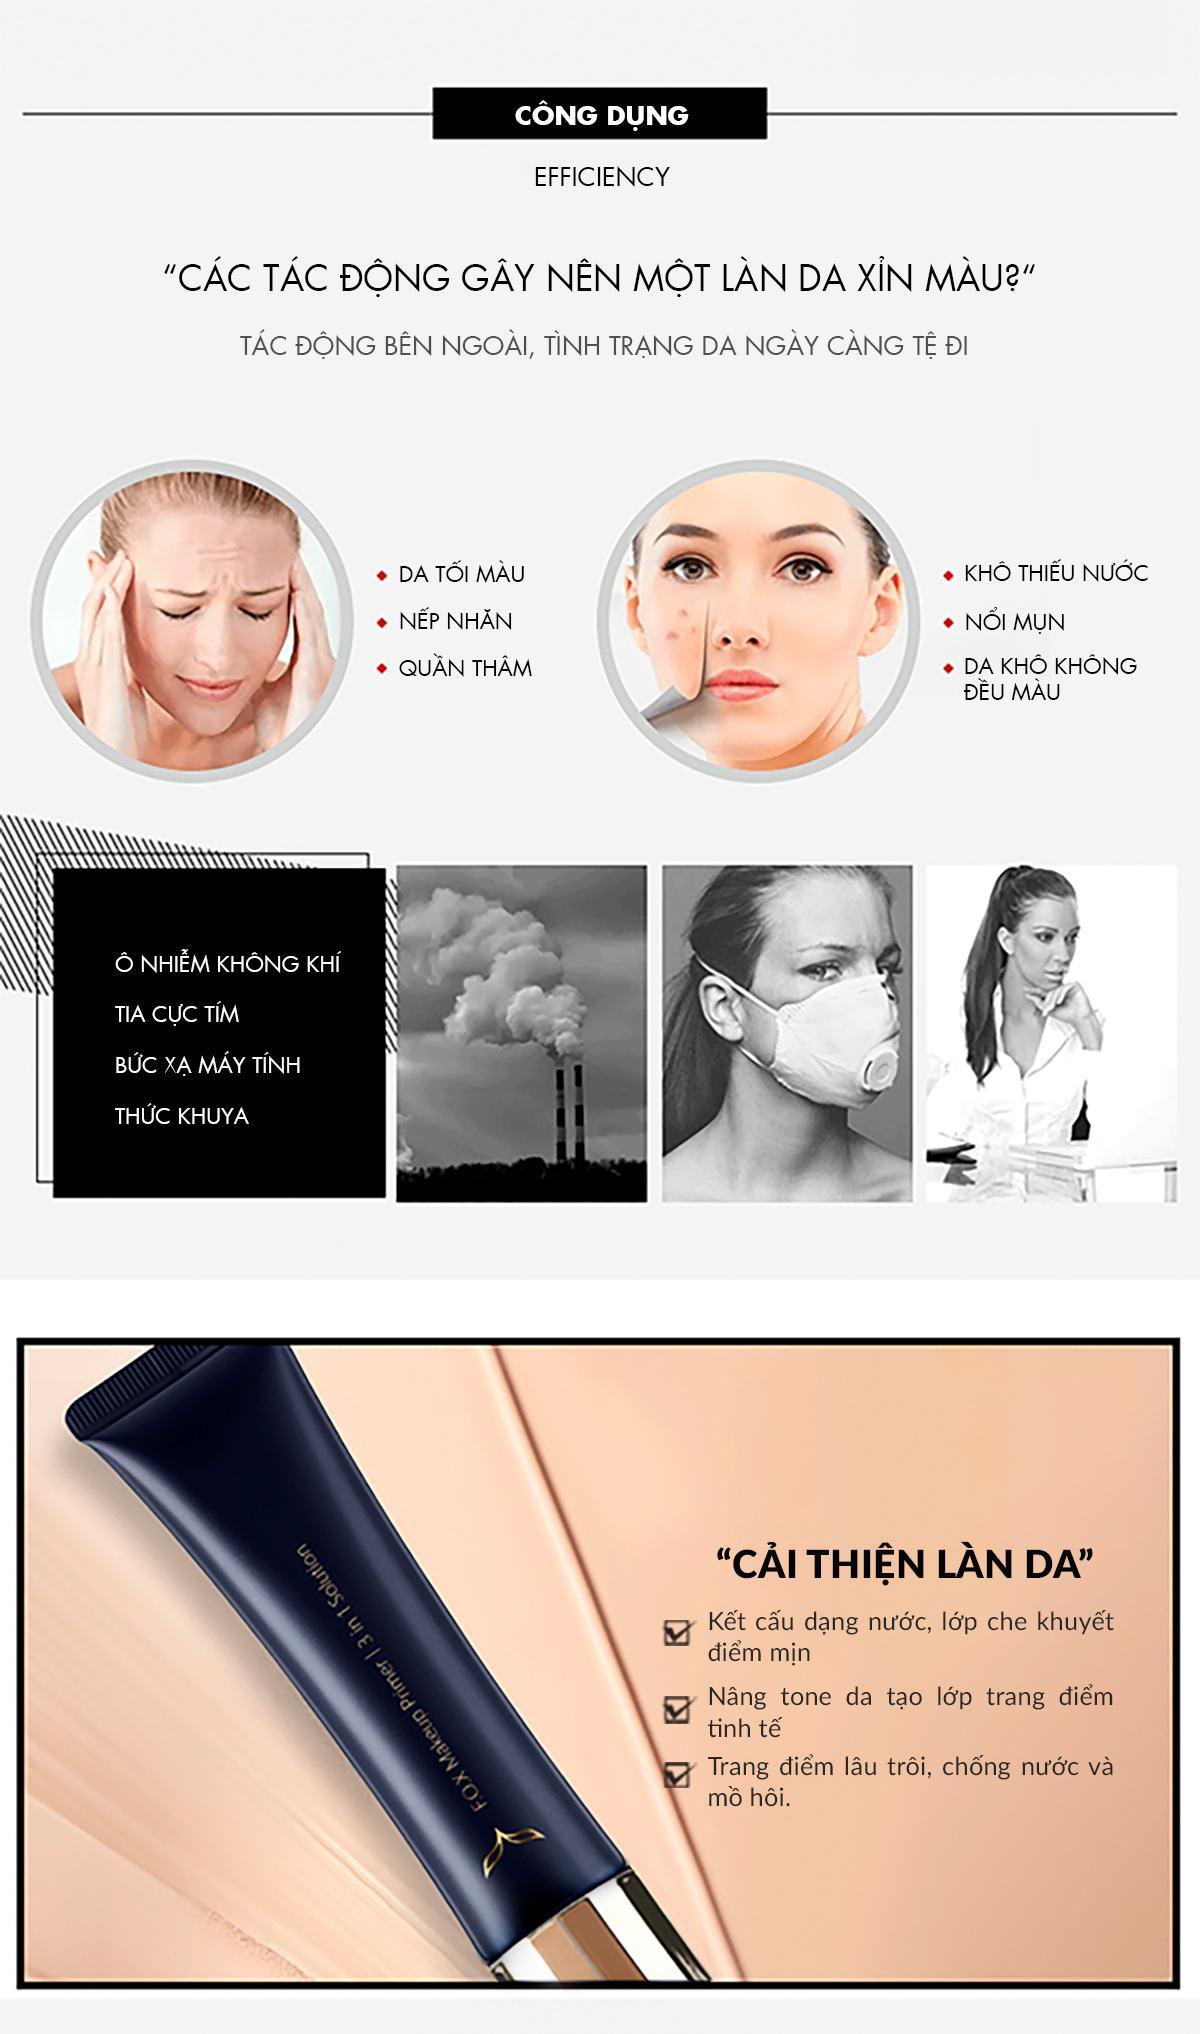 Công Dụng Của Kem Lót Makeup Primer 3 In 1 Solution